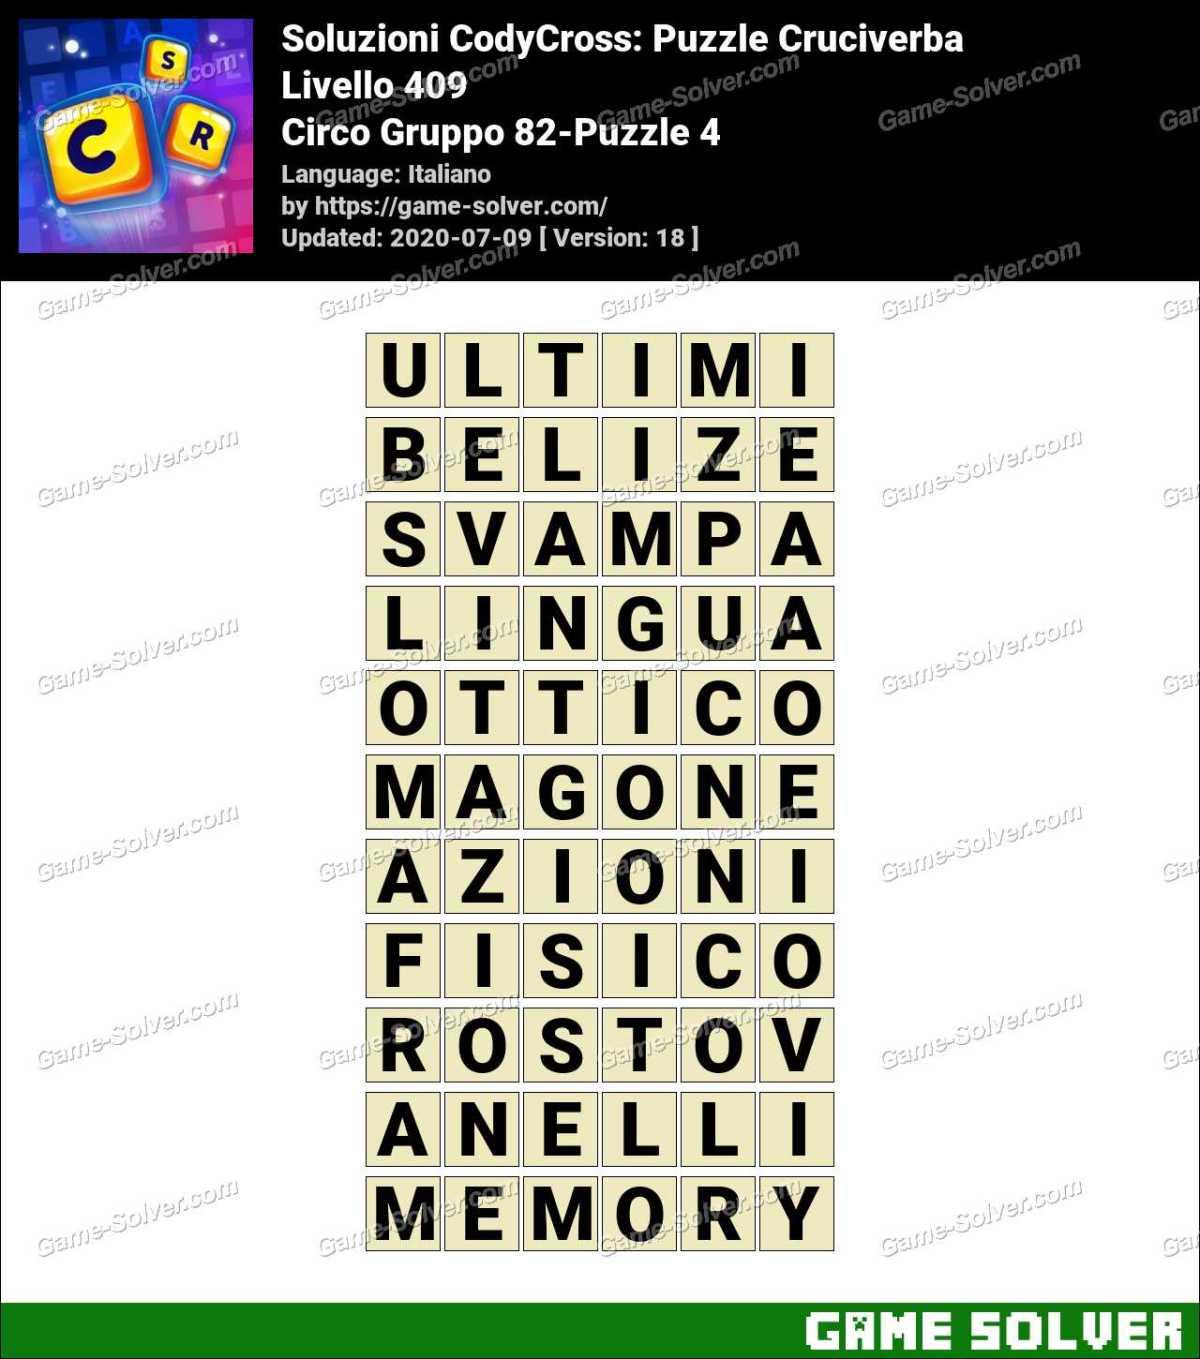 Soluzioni CodyCross Circo Gruppo 82-Puzzle 4